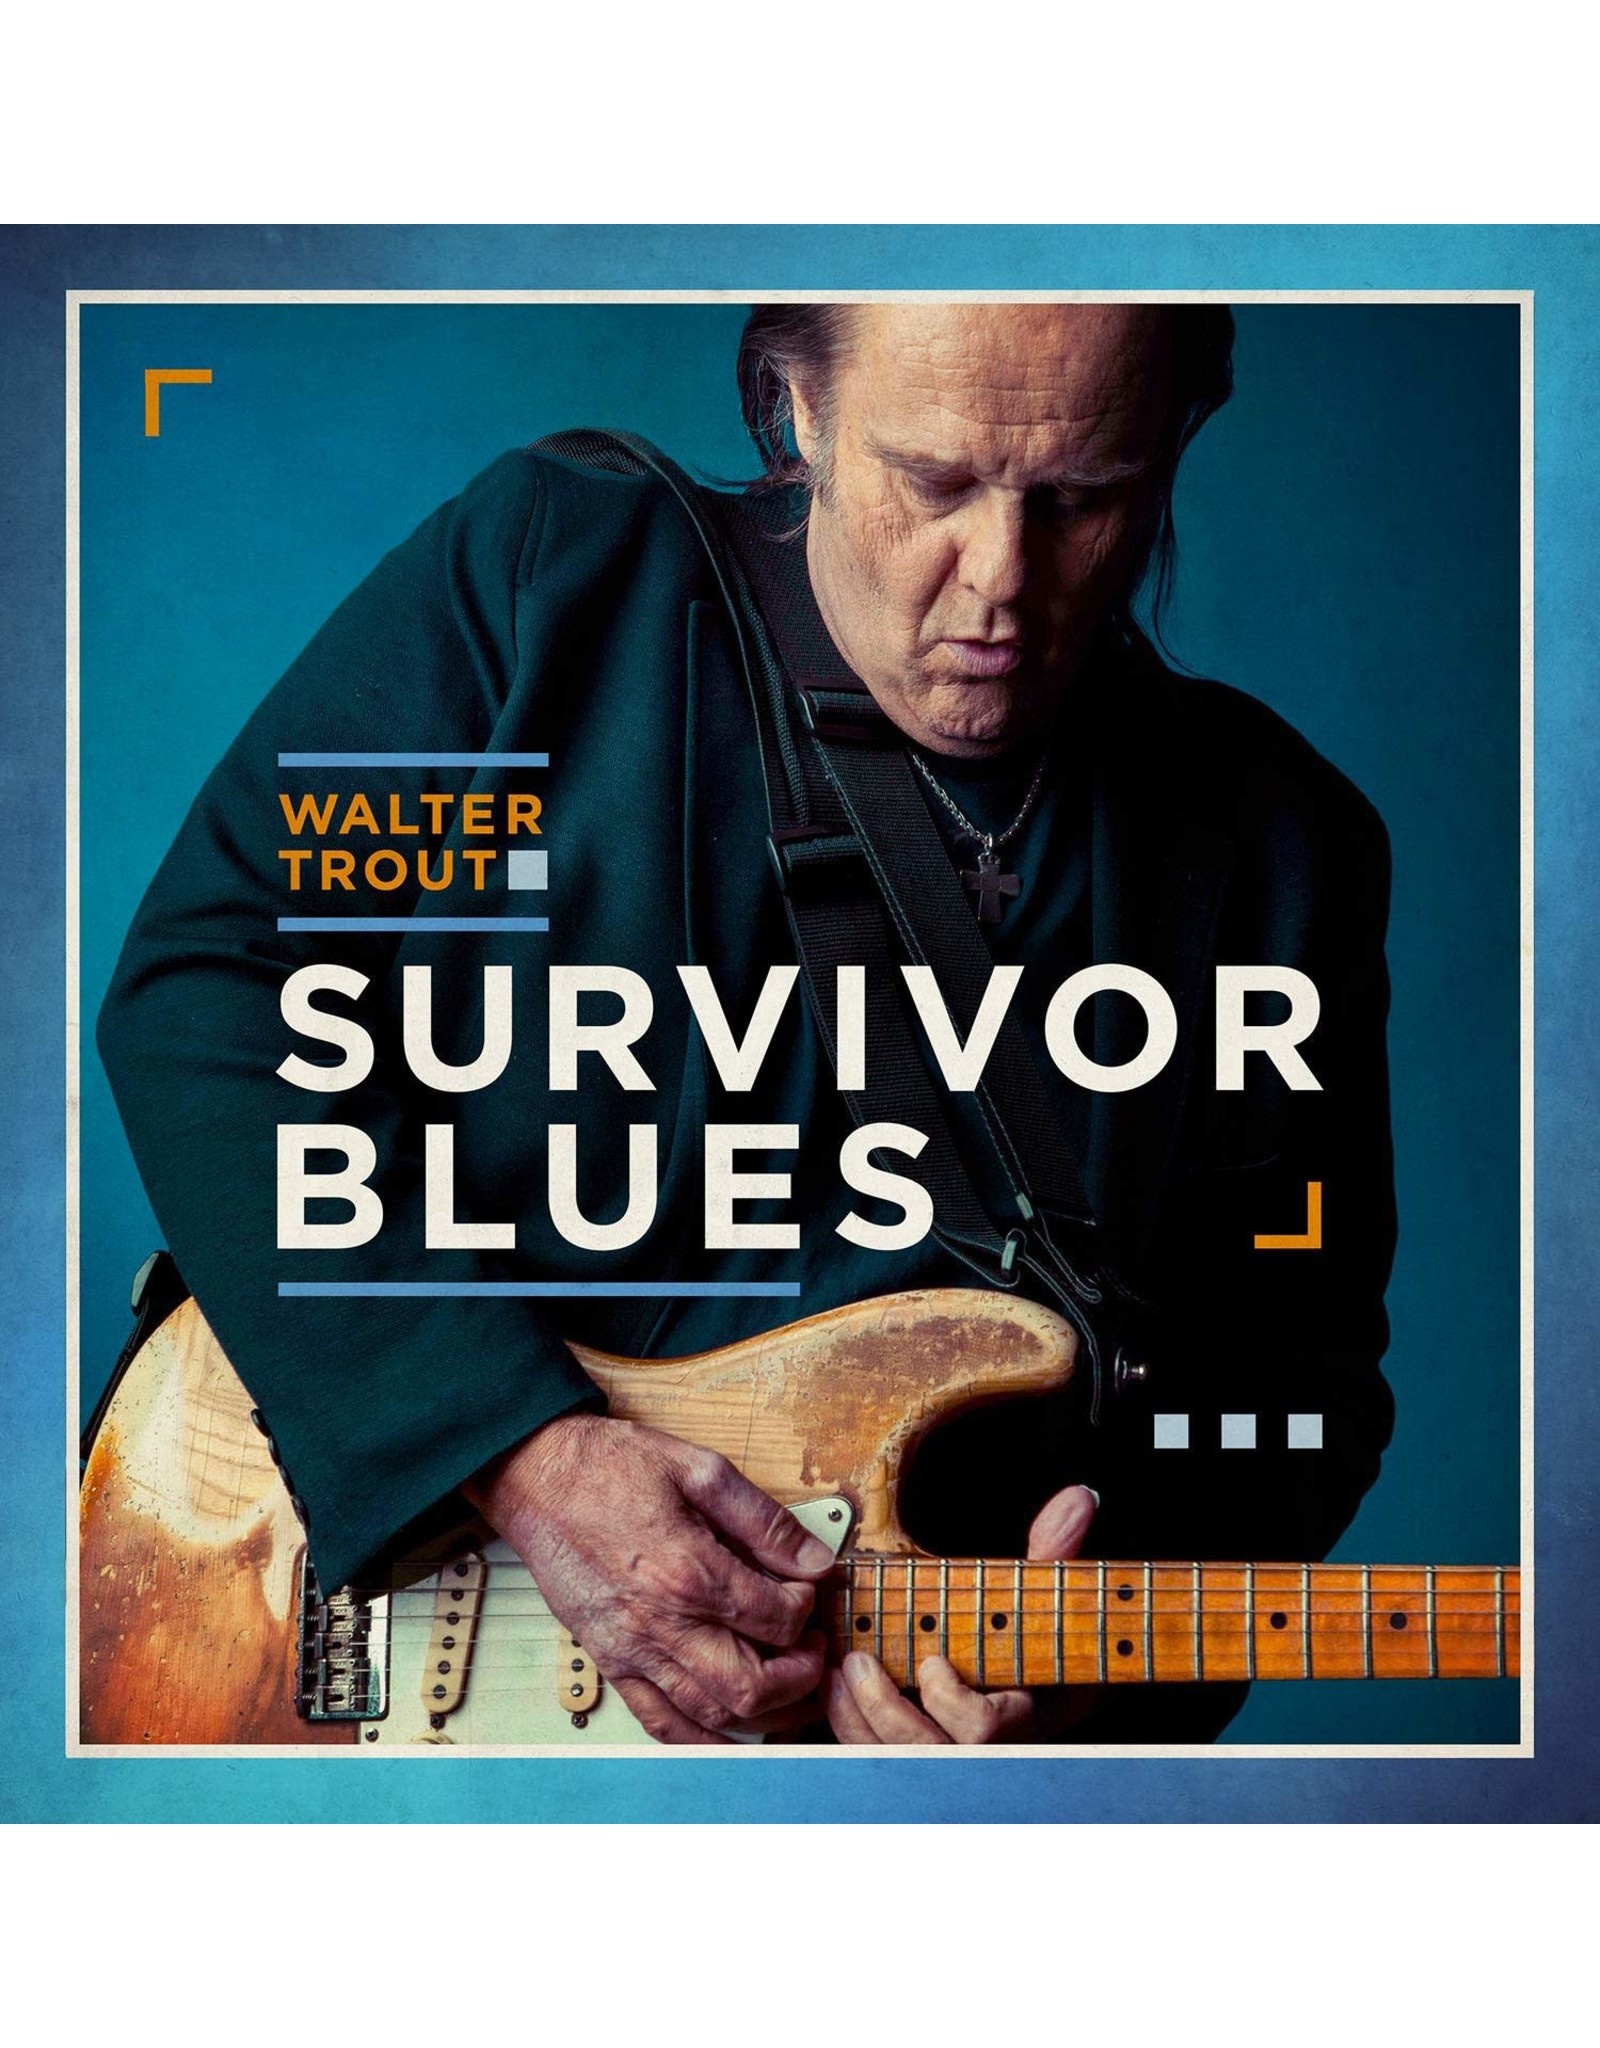 Trout, Walter - Survivor Blues LP